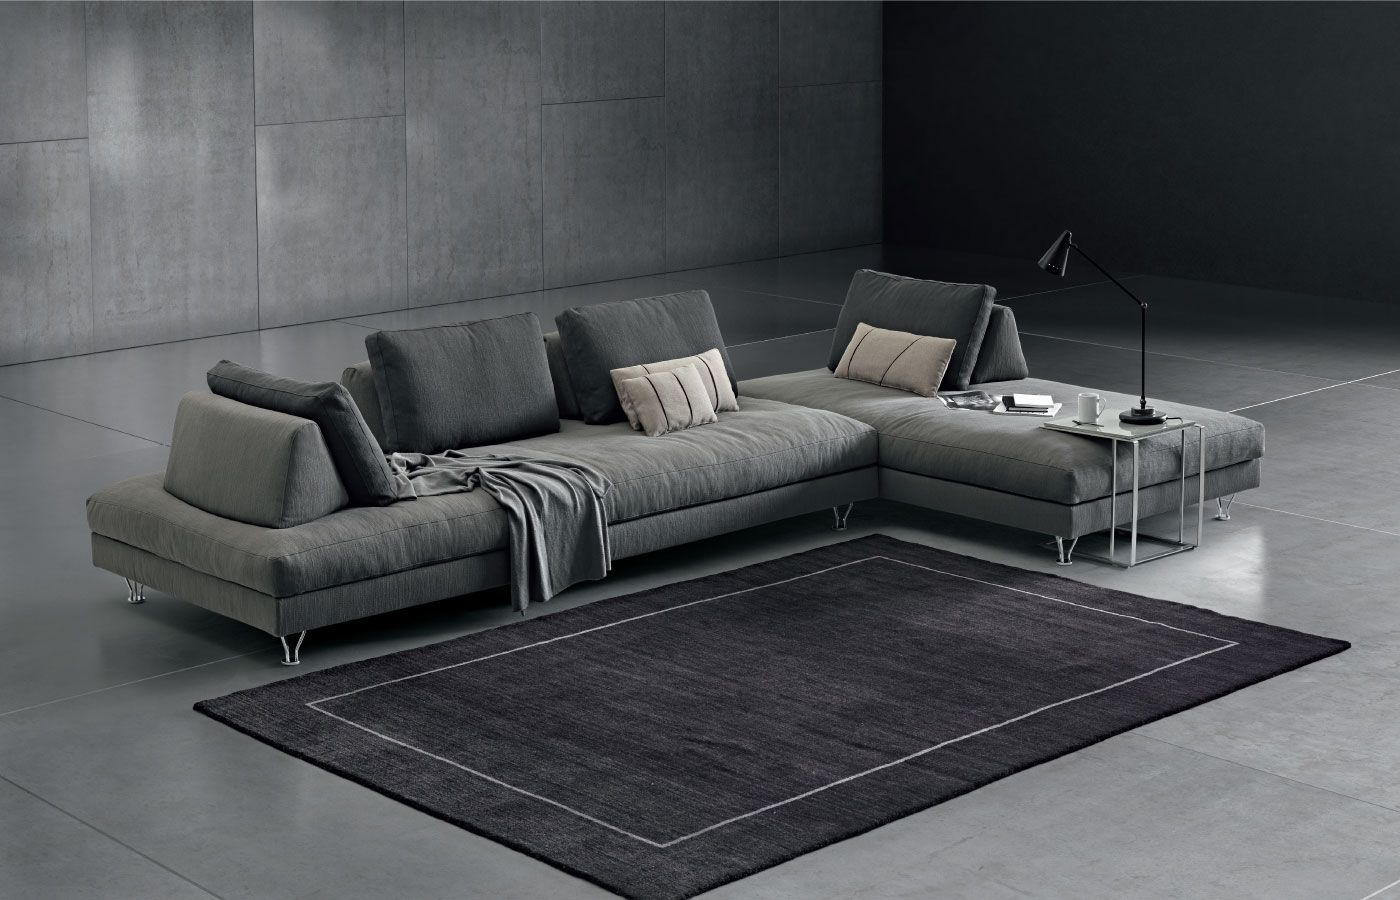 Fly divano componibile di design Dema Divano